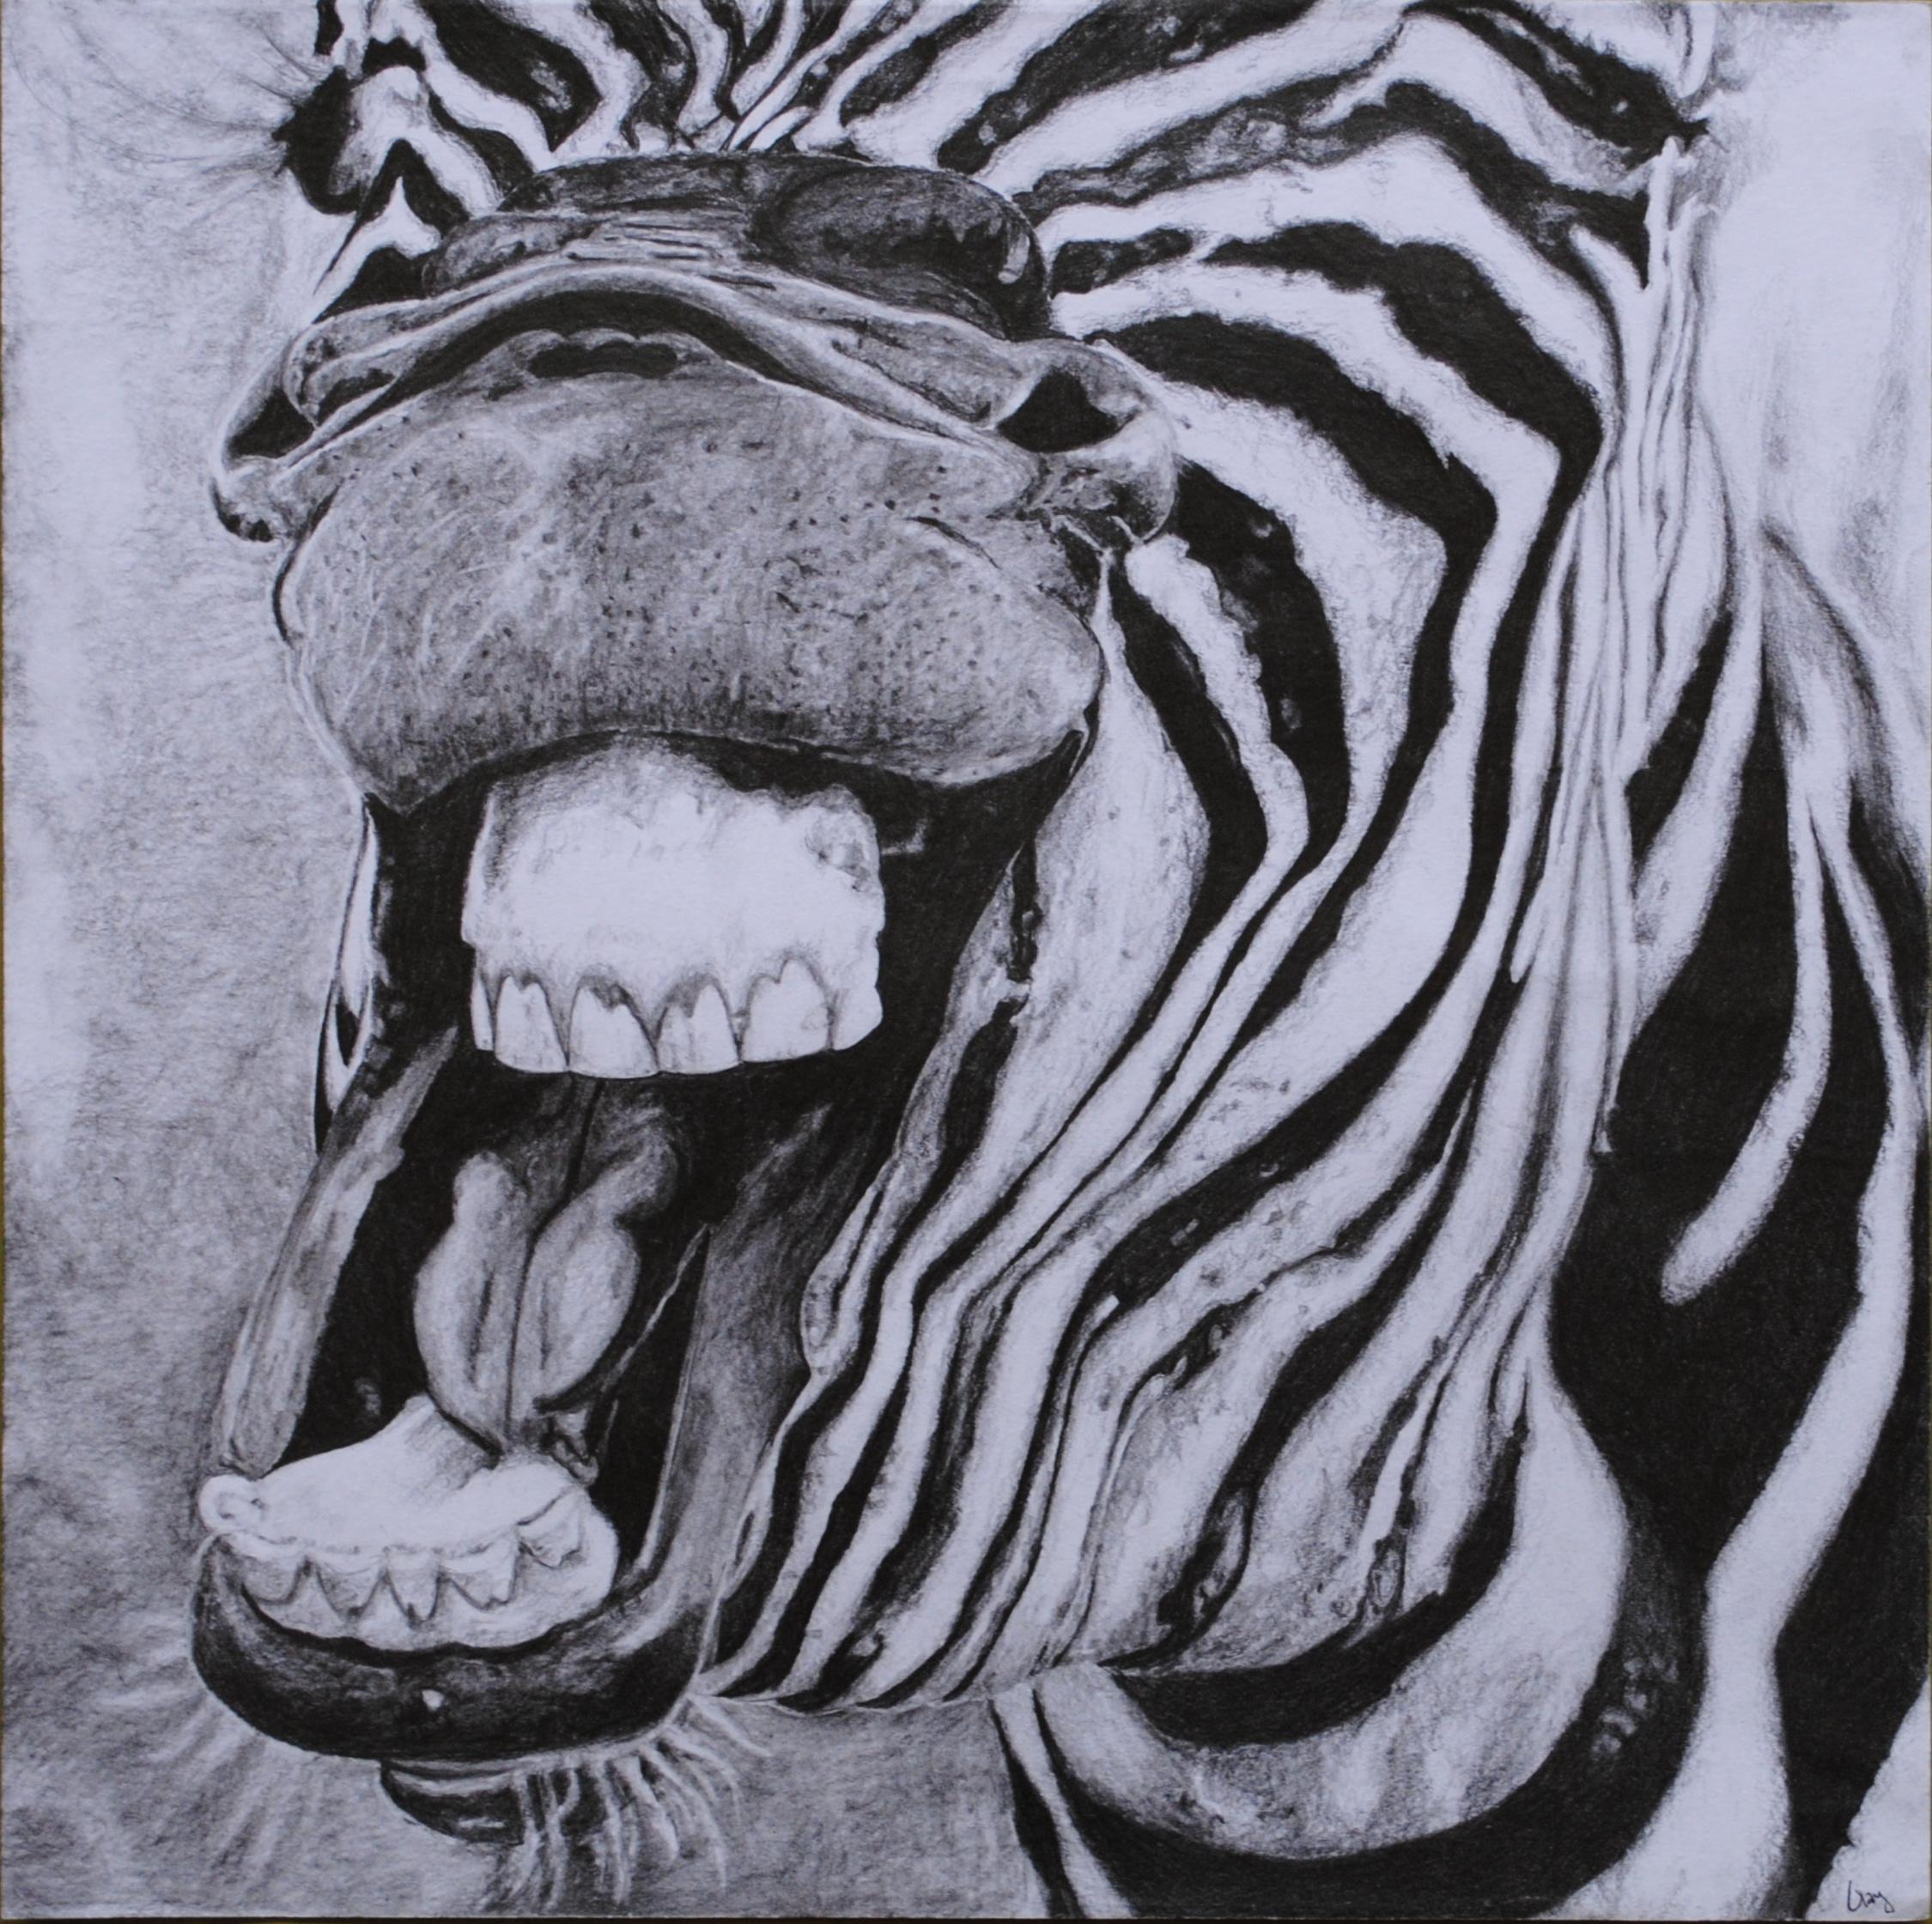 2250x2241 My Own Work Zebra Smile My Inspiration